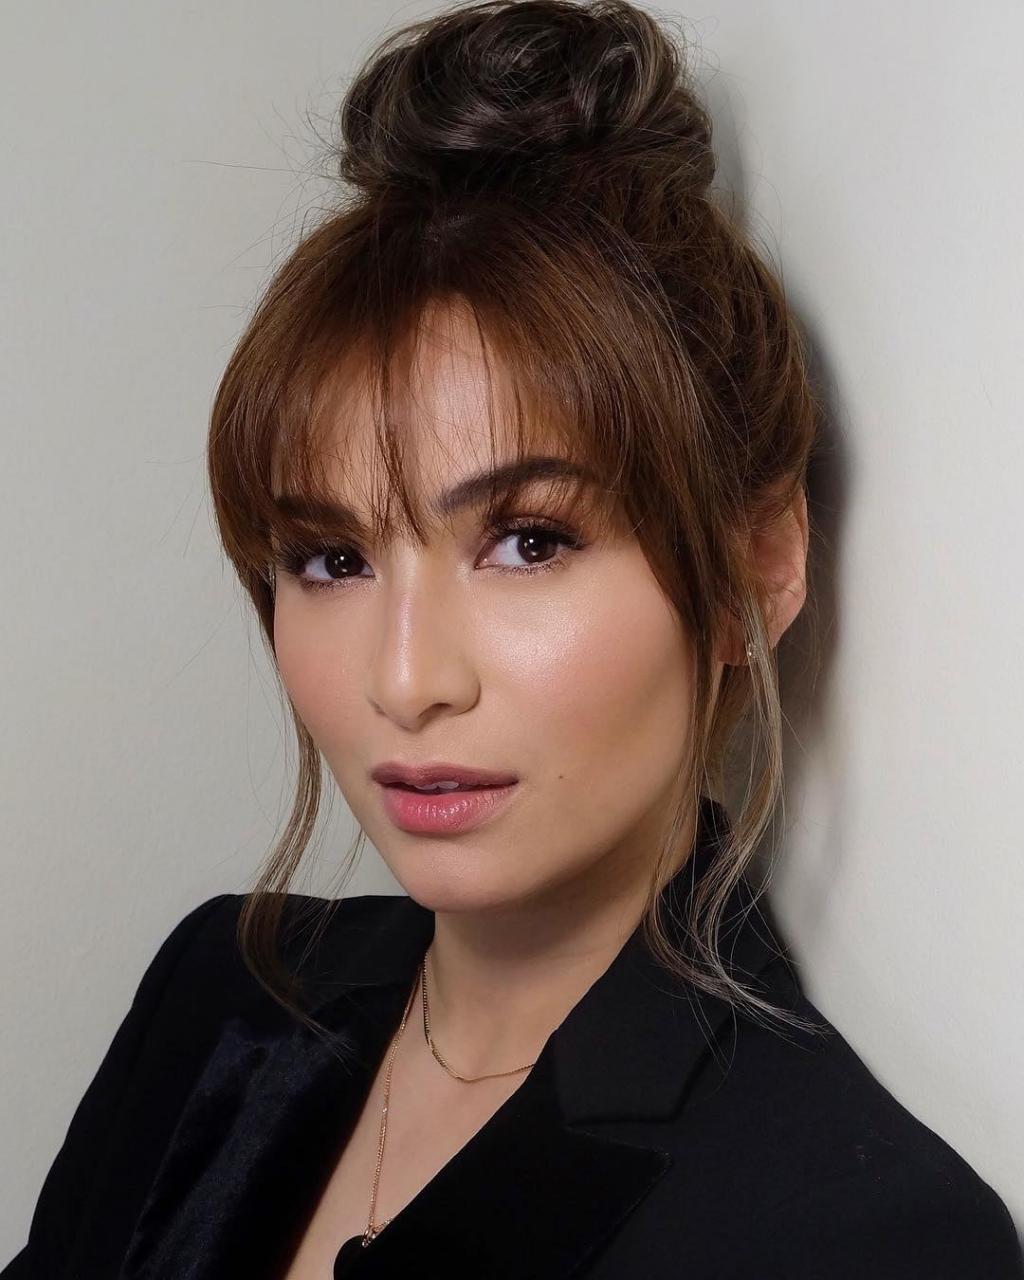 Cập nhật tình hình dịch Covid-19 ở Philippines thông qua mỹ nhân phim 'Vì sao đưa anh tới' - Jennylyn Mercado